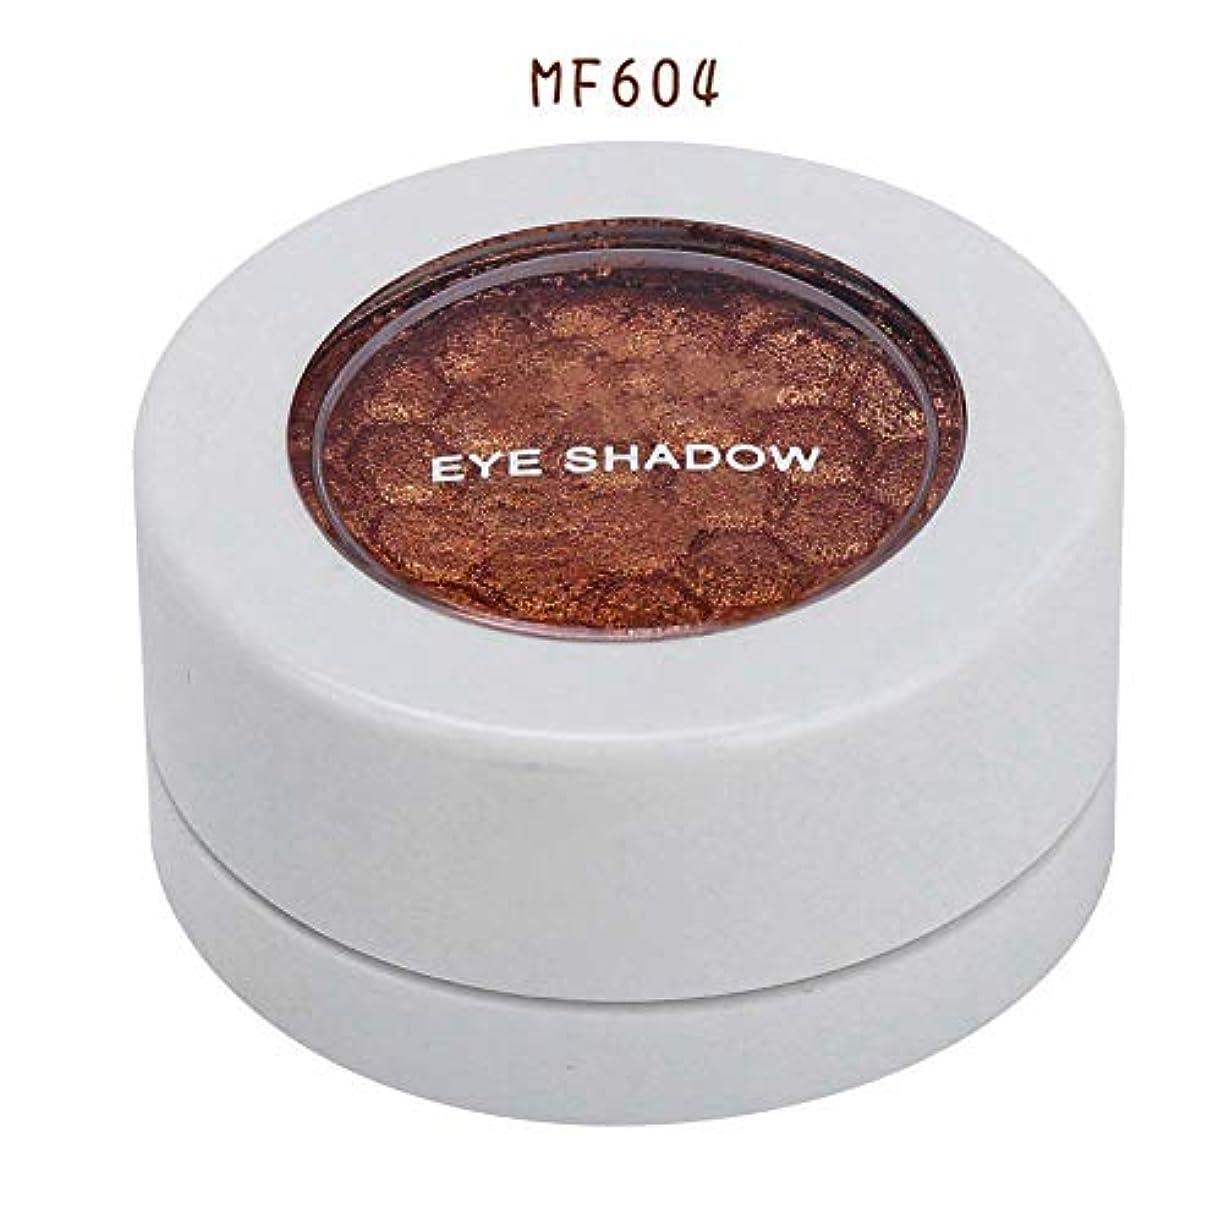 請う気まぐれな死すべき4色 アイシャドウパレット アイシャドウパレット 化粧品ツール 化粧マットグロス アイシャドウパウダー (MF604)